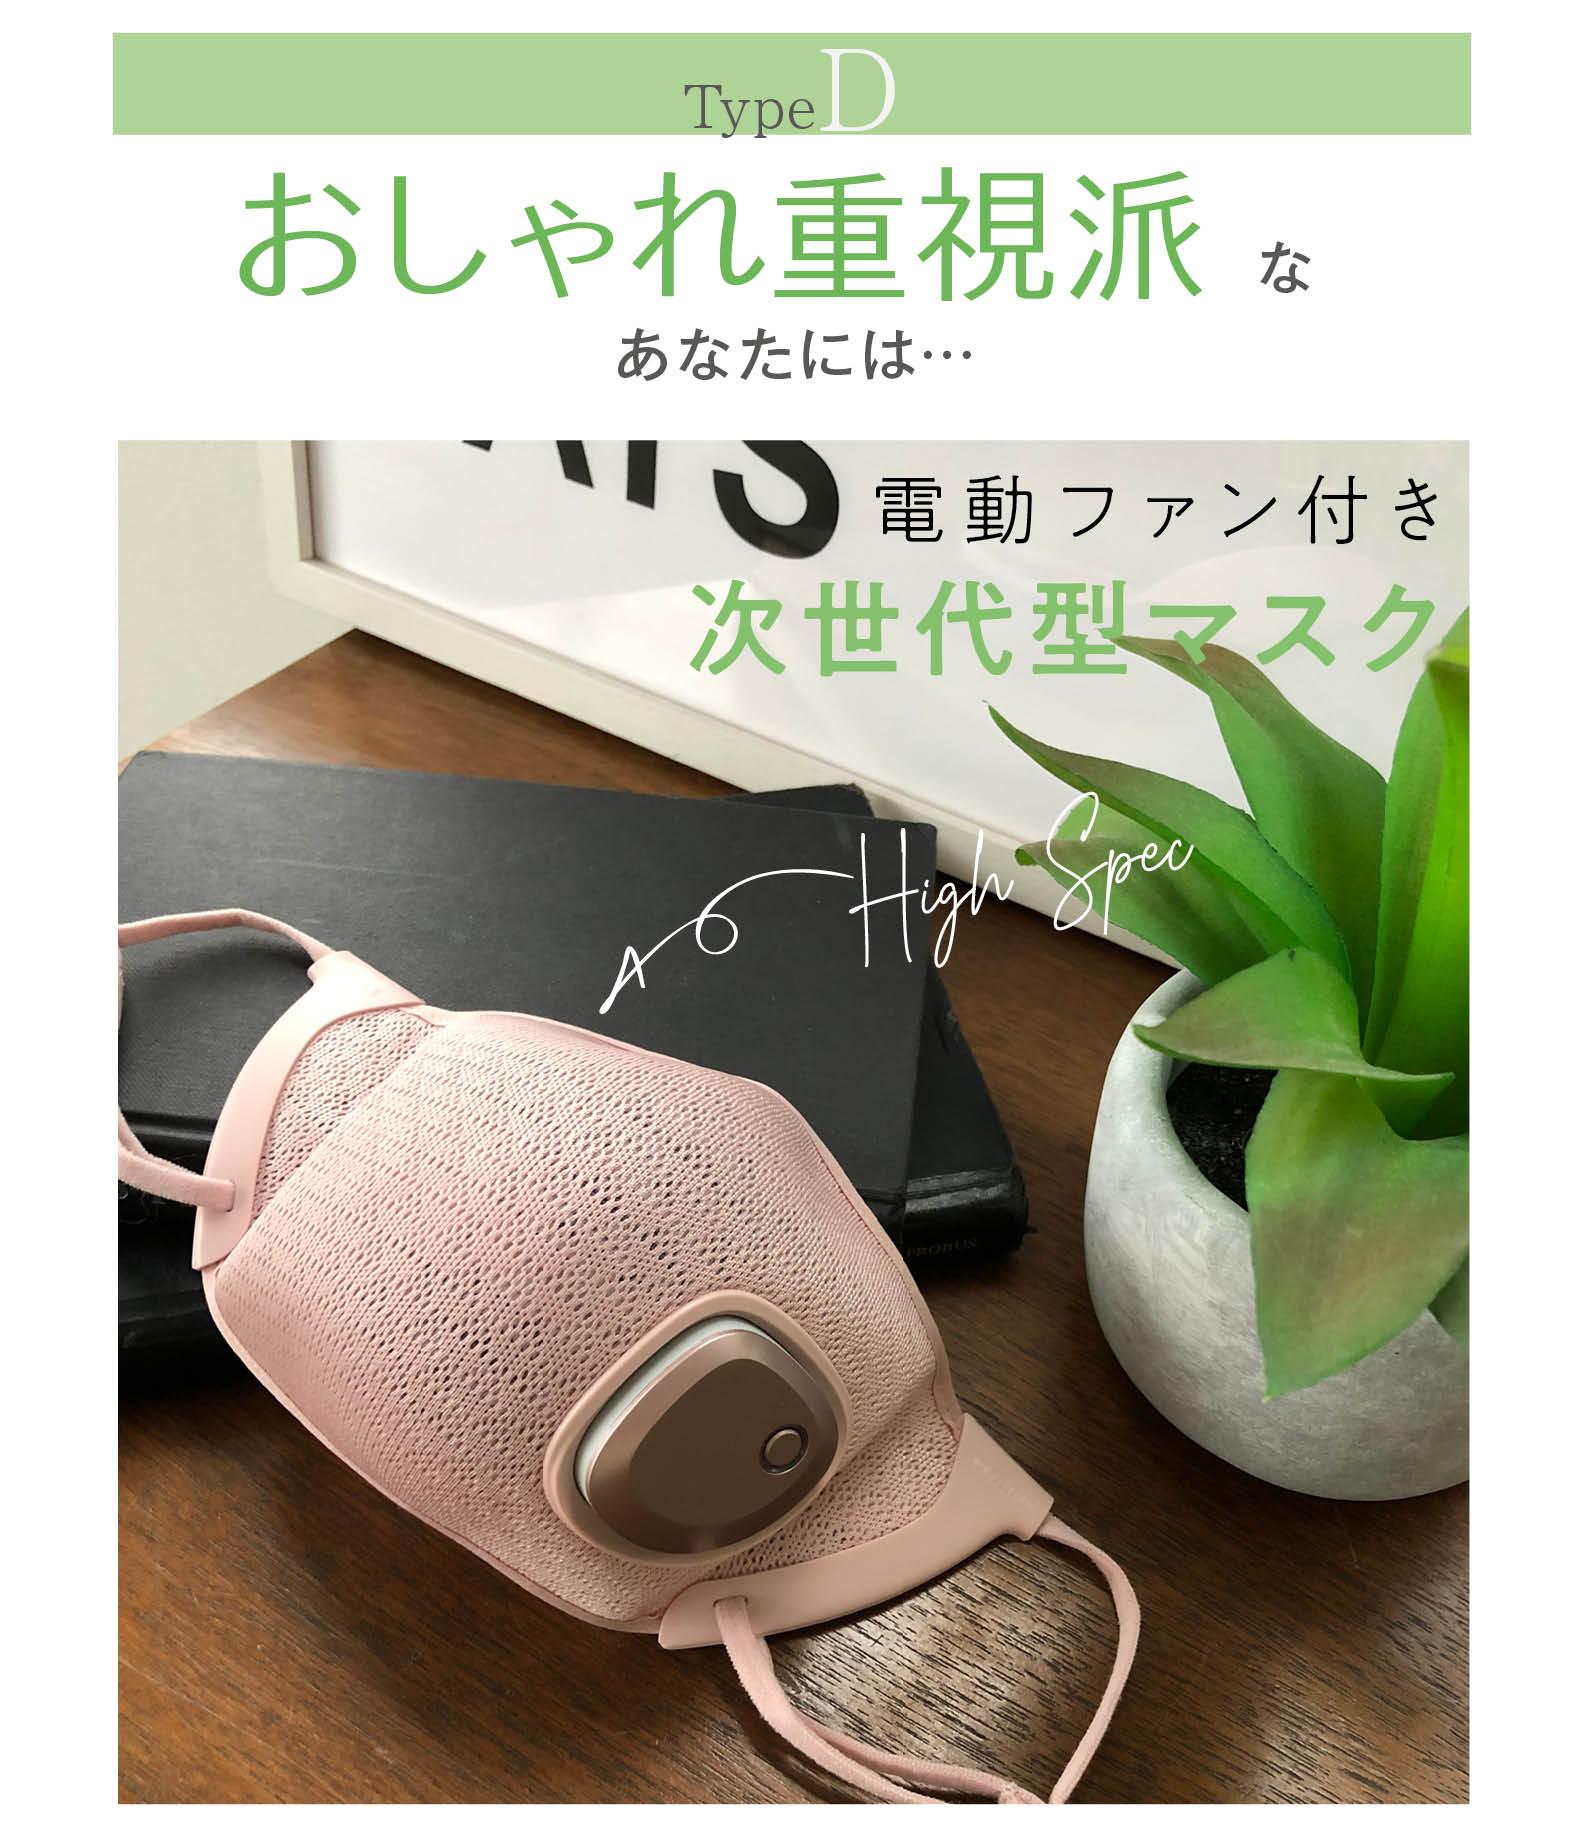 フィリップスジャパン,マスク